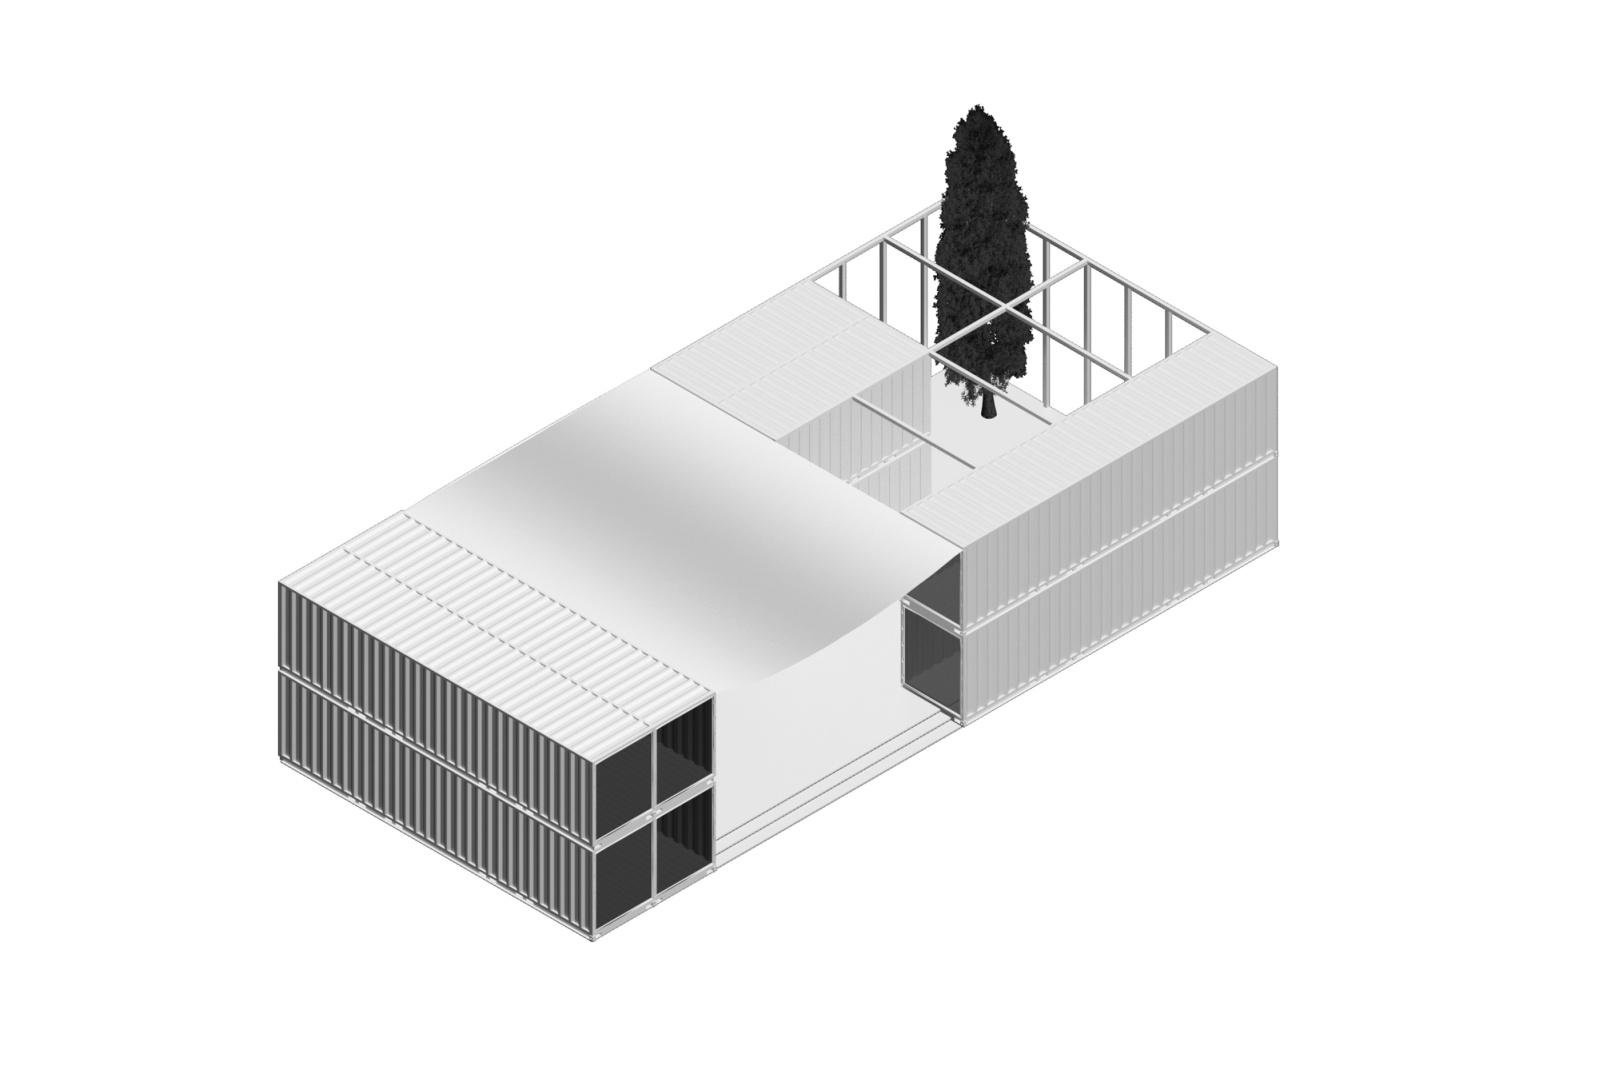 Architettura E Design container-sports-center-by-lad-laboratorio-di-architettura-e